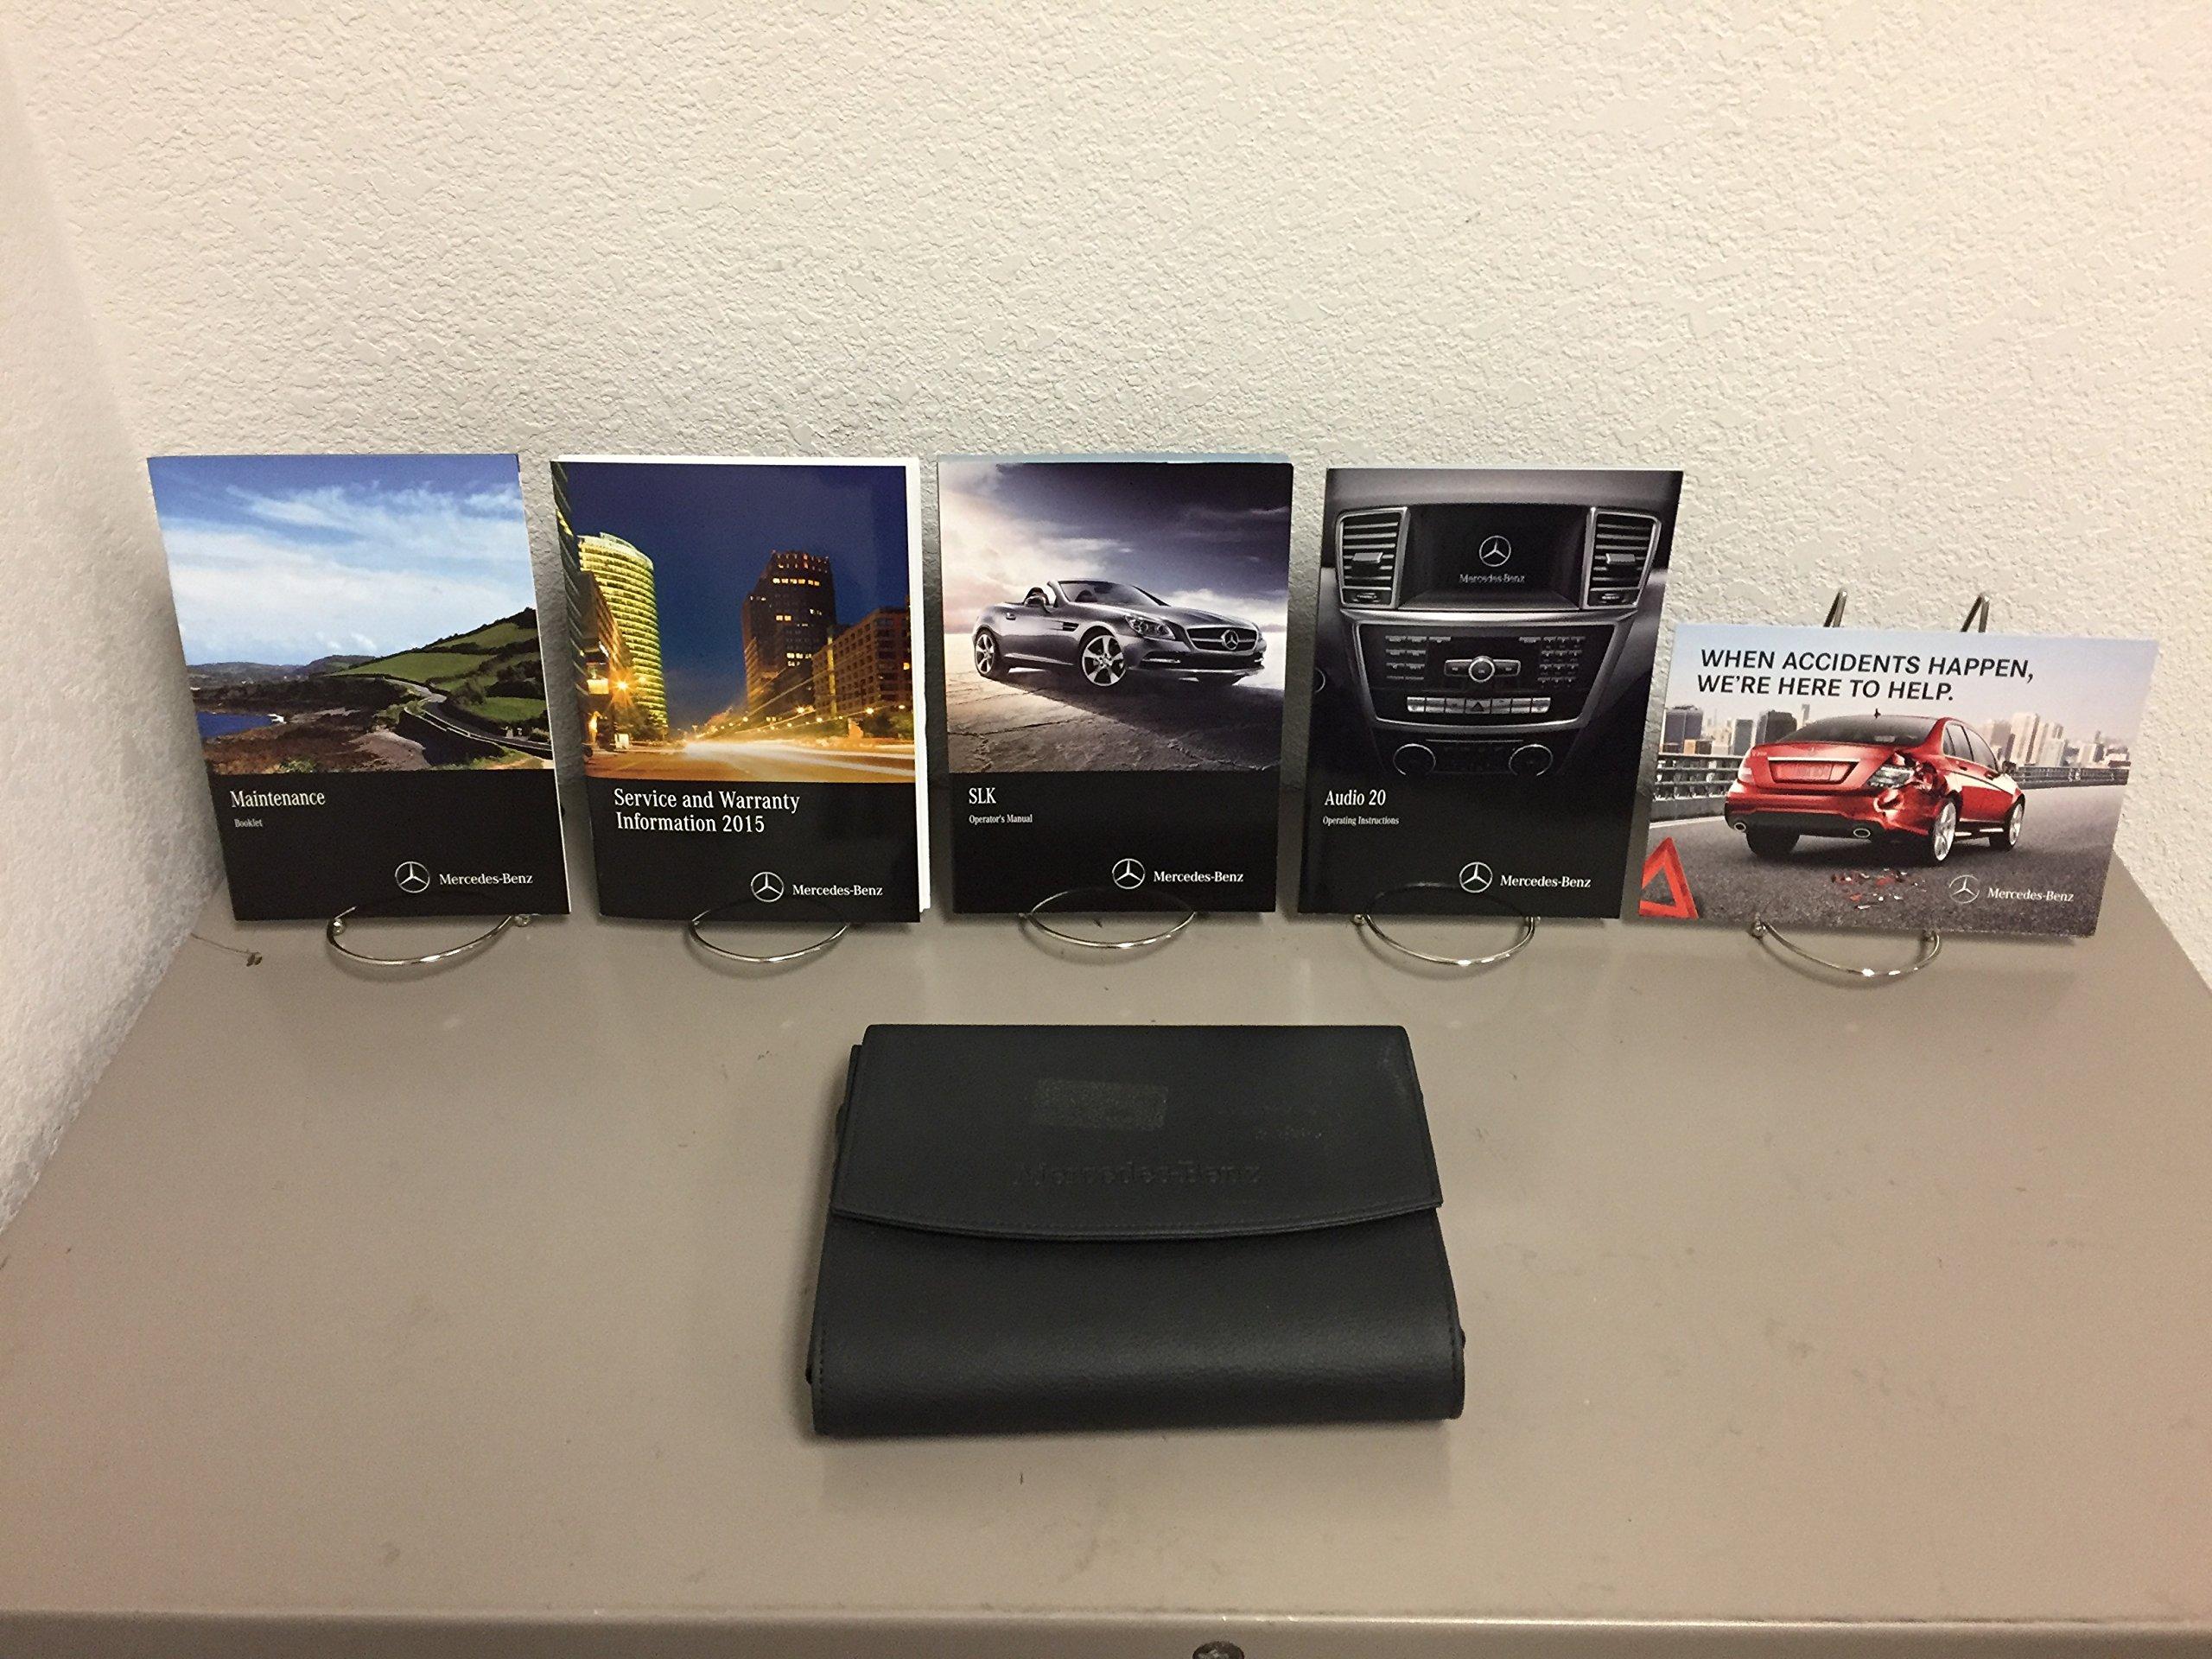 2015 Genuine OEM Mercedez-Benz SLK Owner's Manual Set for all SLK250 SLK350  and SLK55 AMG Models: MERCEDES-BENZ: 0682821521713: Amazon.com: Books